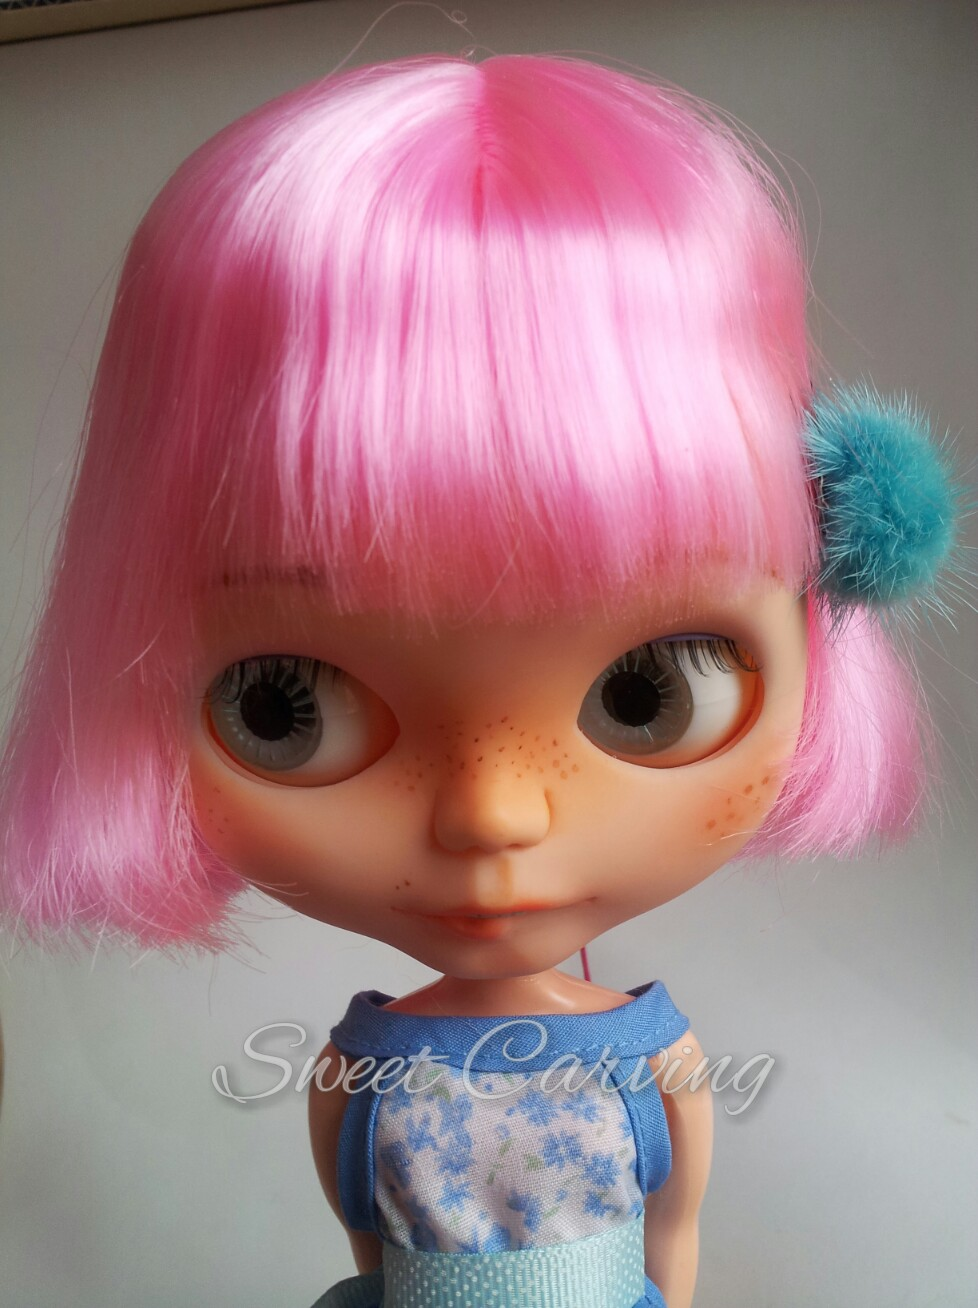 Sweet carving muñeca personalizada